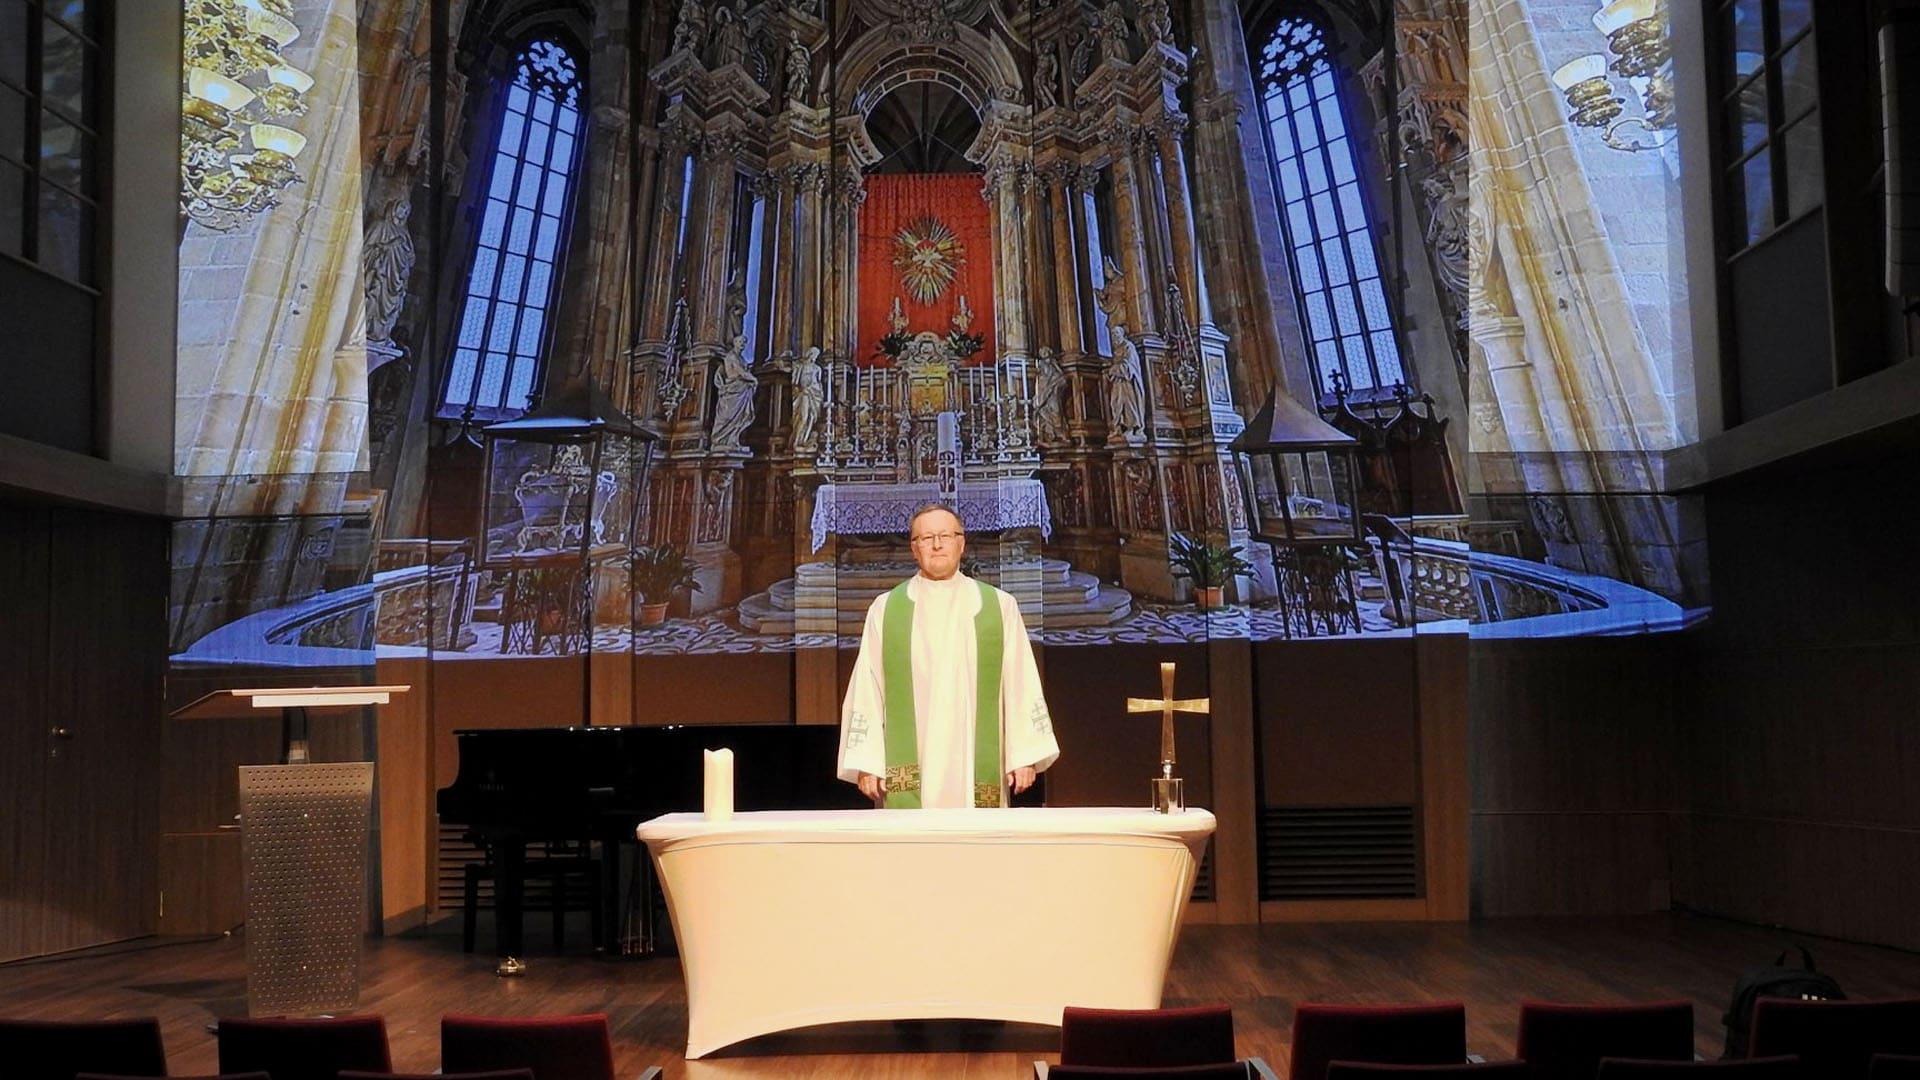 """Ein Altar auf die Leinwand projiziert: """"Sie finden keinen sakralen Raum vor auf den Schiffen, außer bei den Italienern, sondern dieser muss erst inszeniert werden."""""""